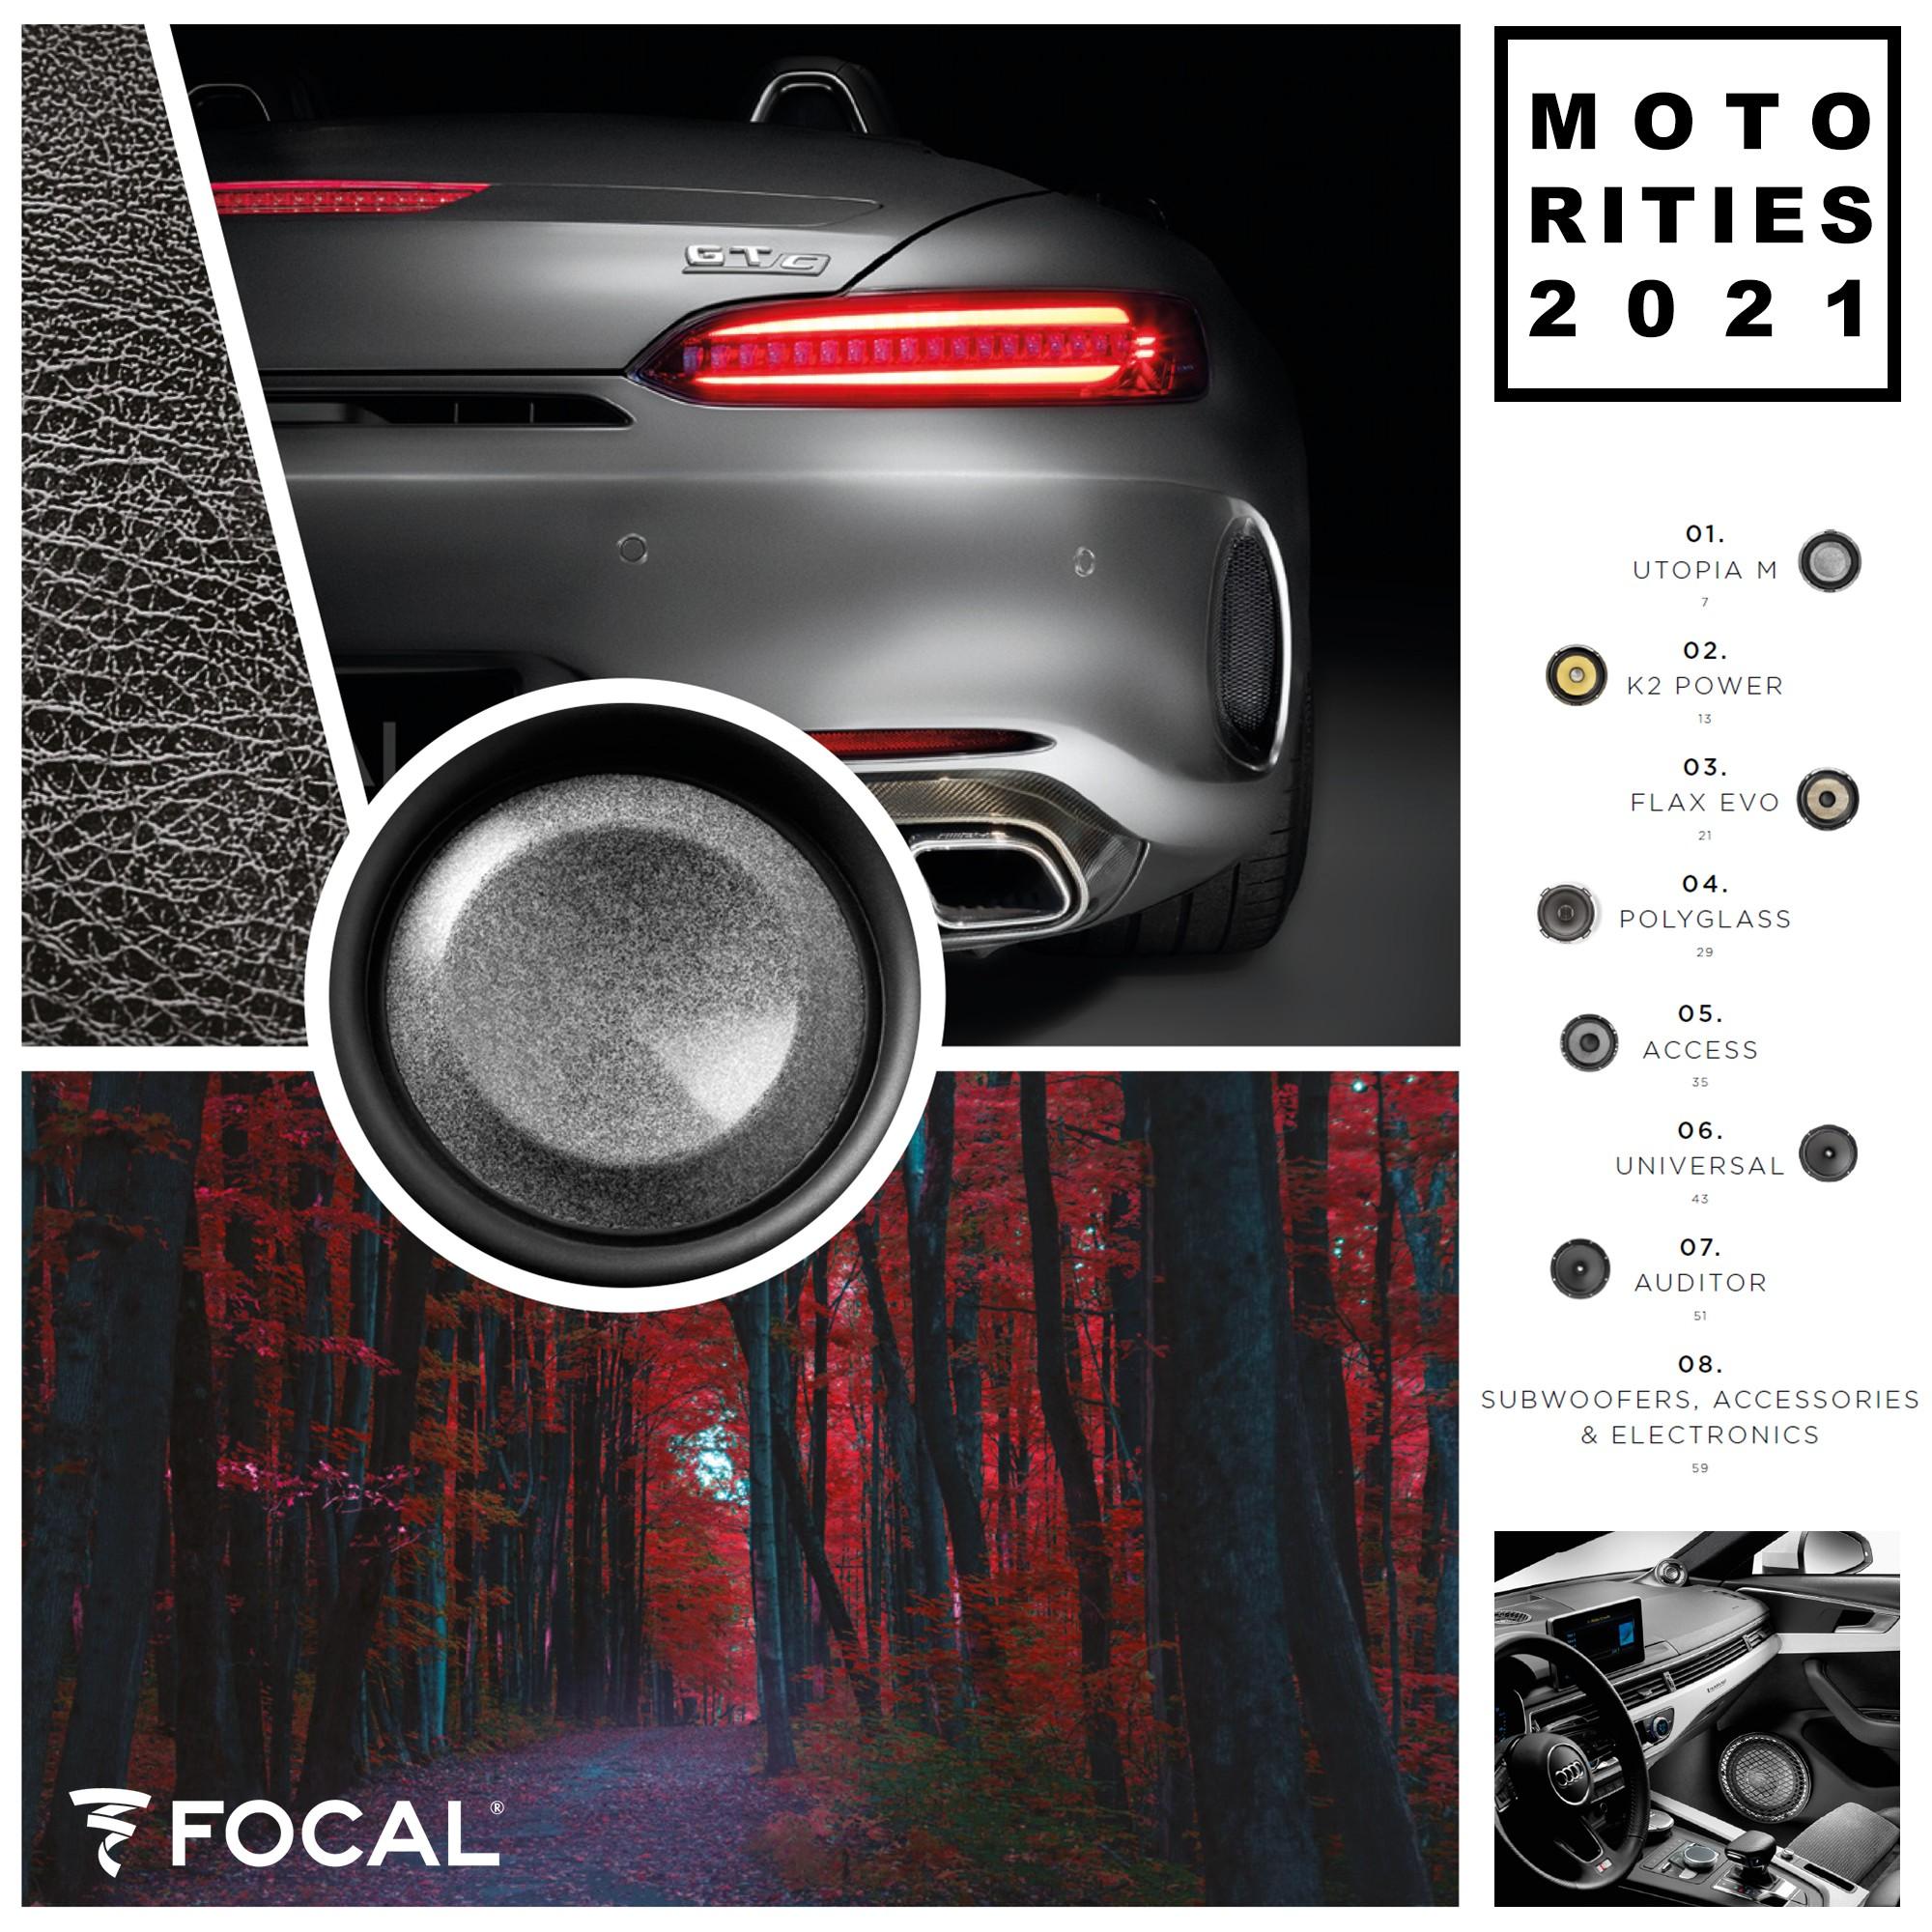 Catálogo Focal Motorities 2021